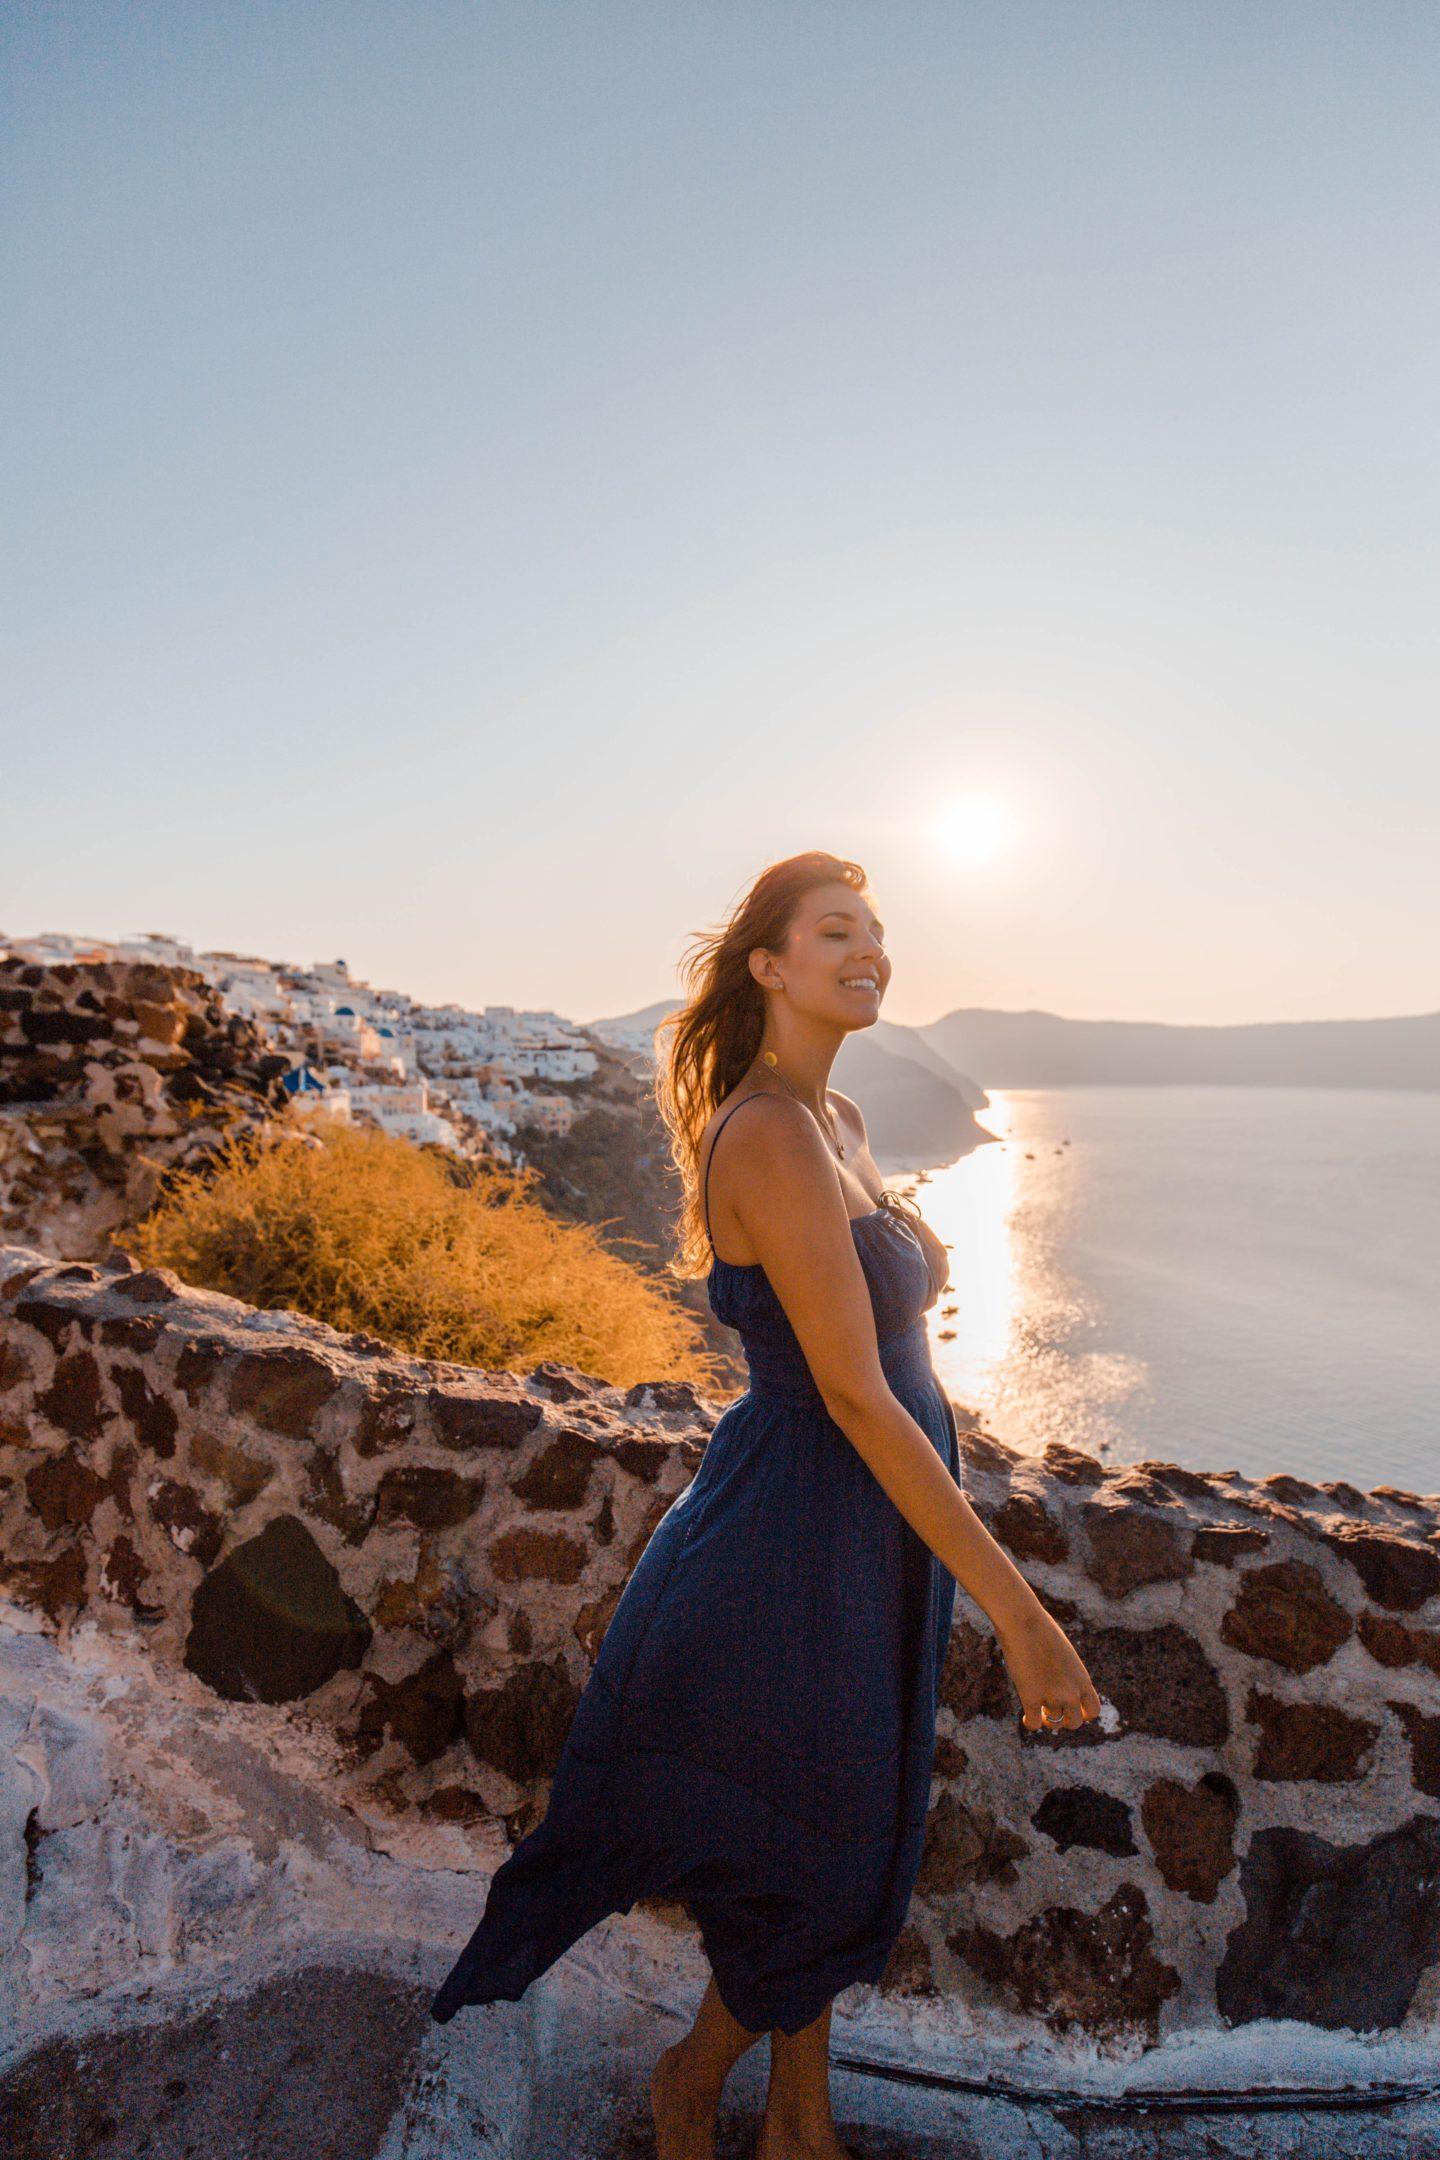 Top Ten Santorini Instagram Spots | Best Locations and Photo Tips | Dana Berez Greece Travel Guide